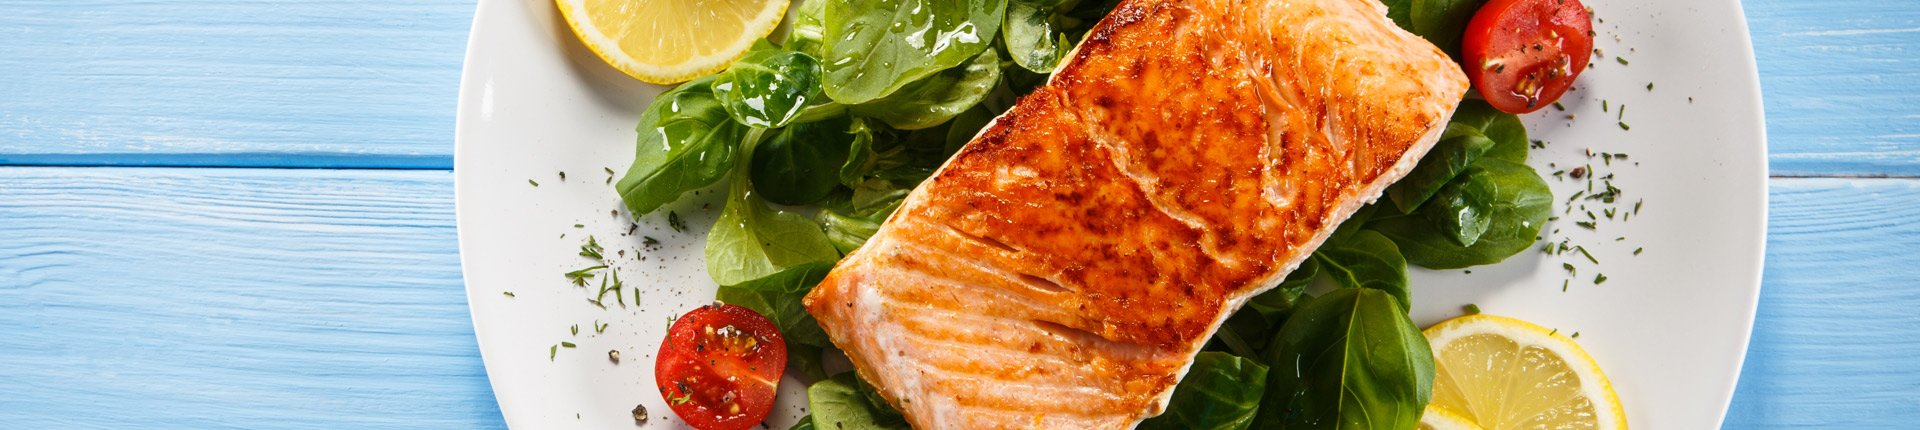 10 najzdrowszych produktów, które powinny znaleźć się w Twojej diecie